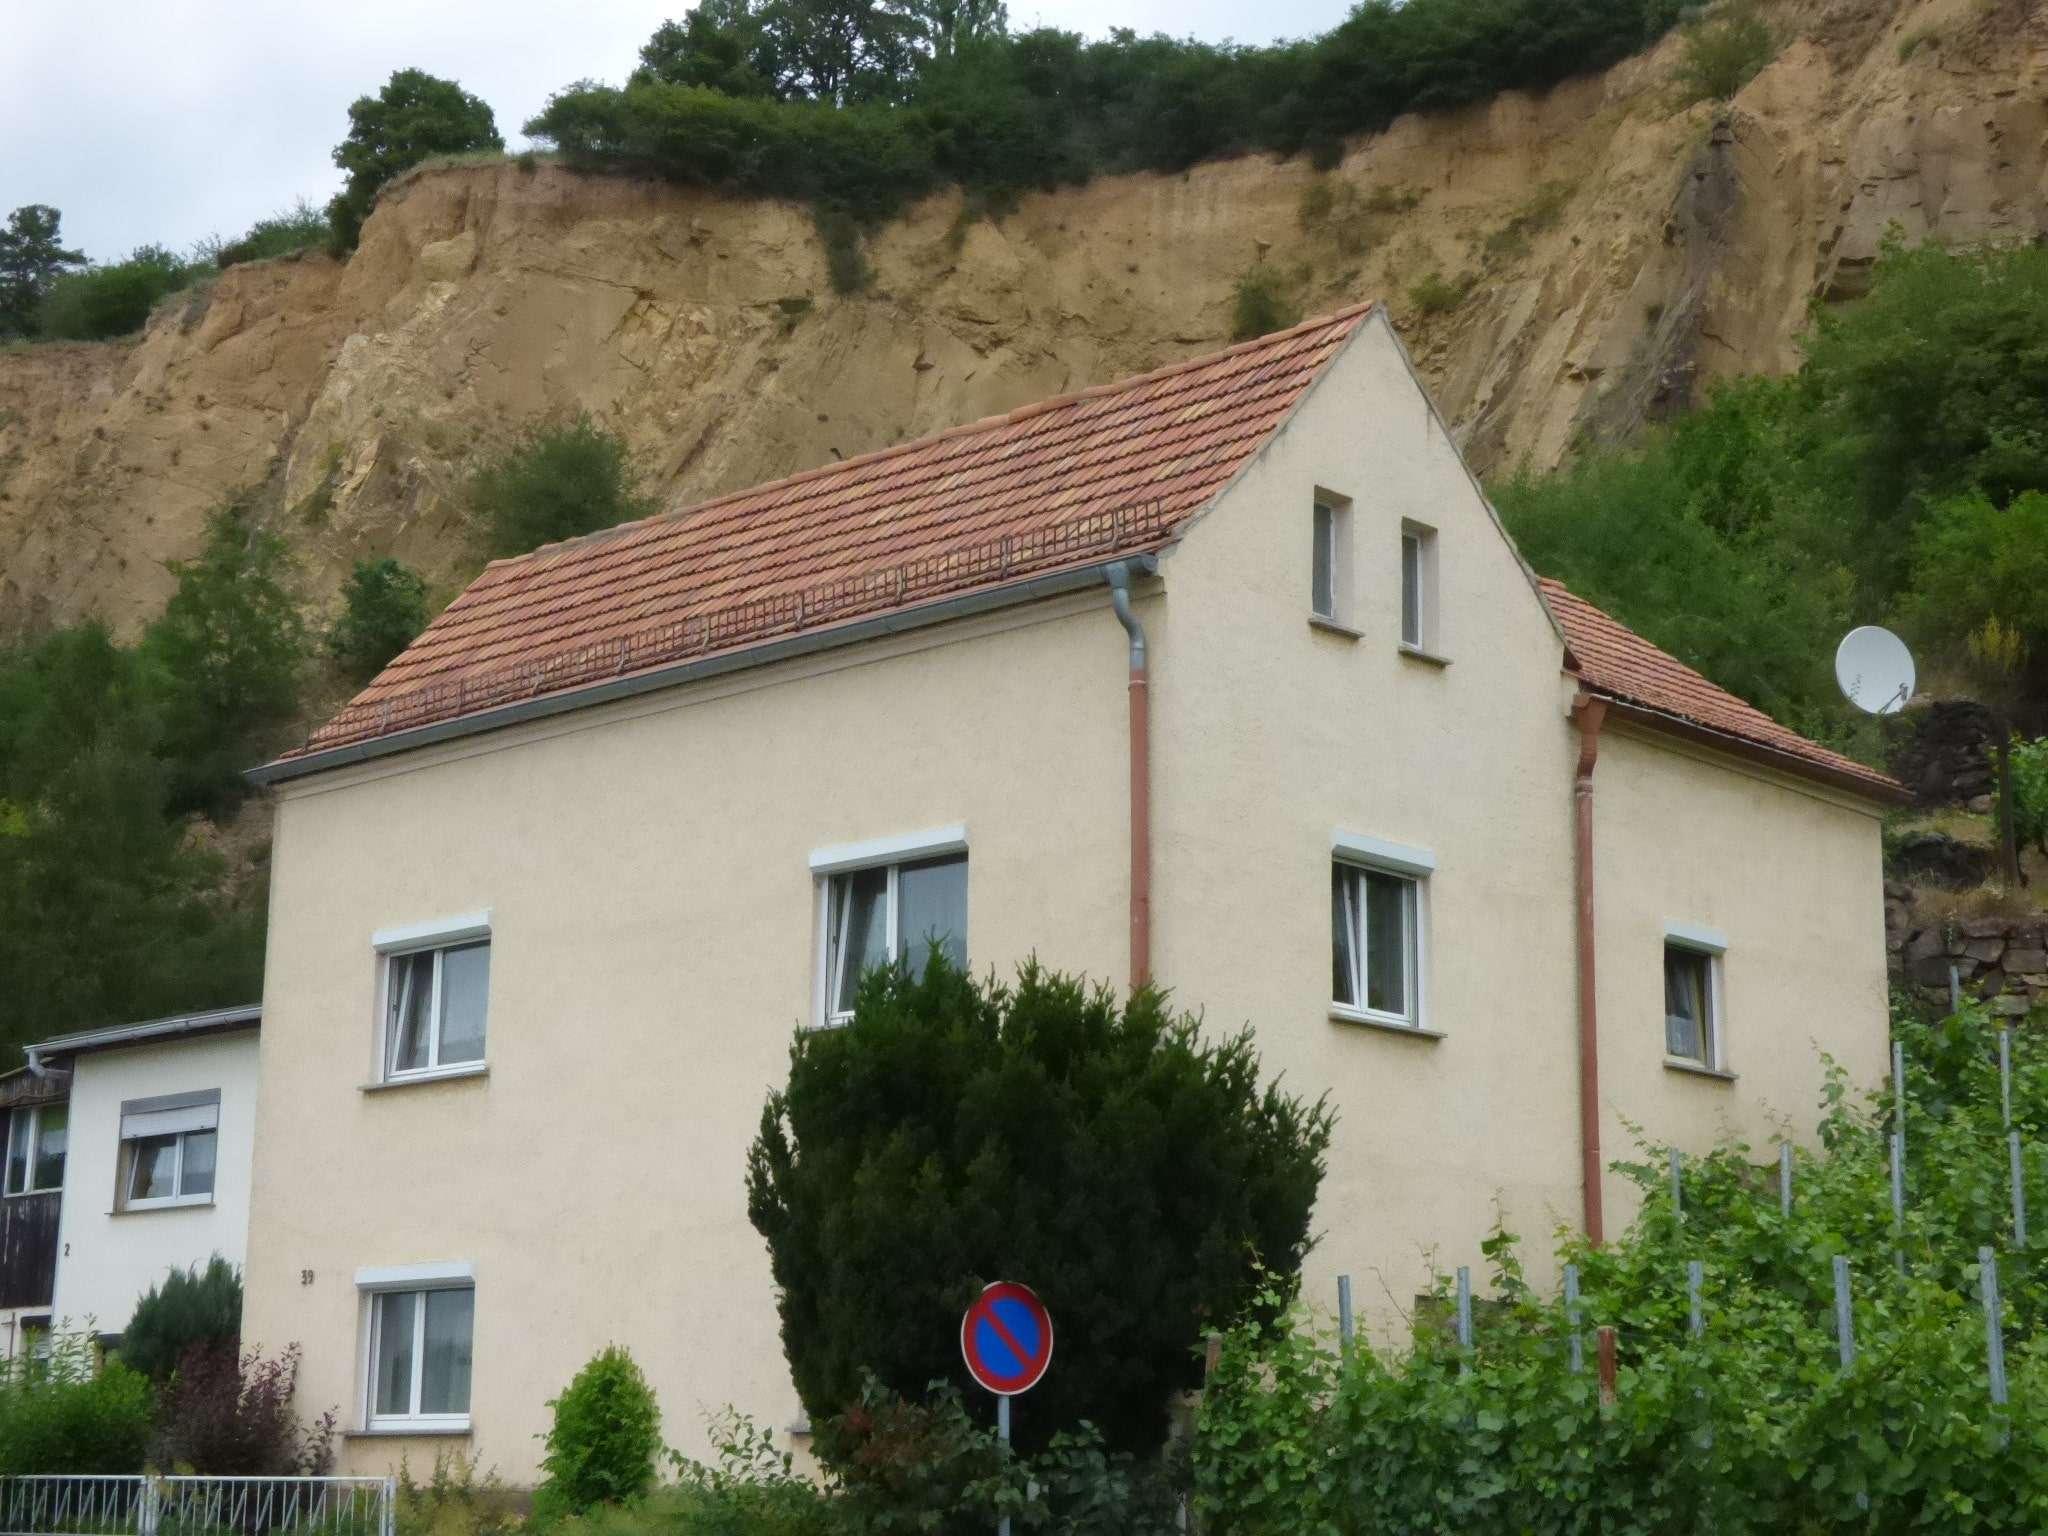 Diesbar-Seußlitz, romantischer Blick ins Elbtal - Haus zum Kauf in Diesbar-Seußlitz